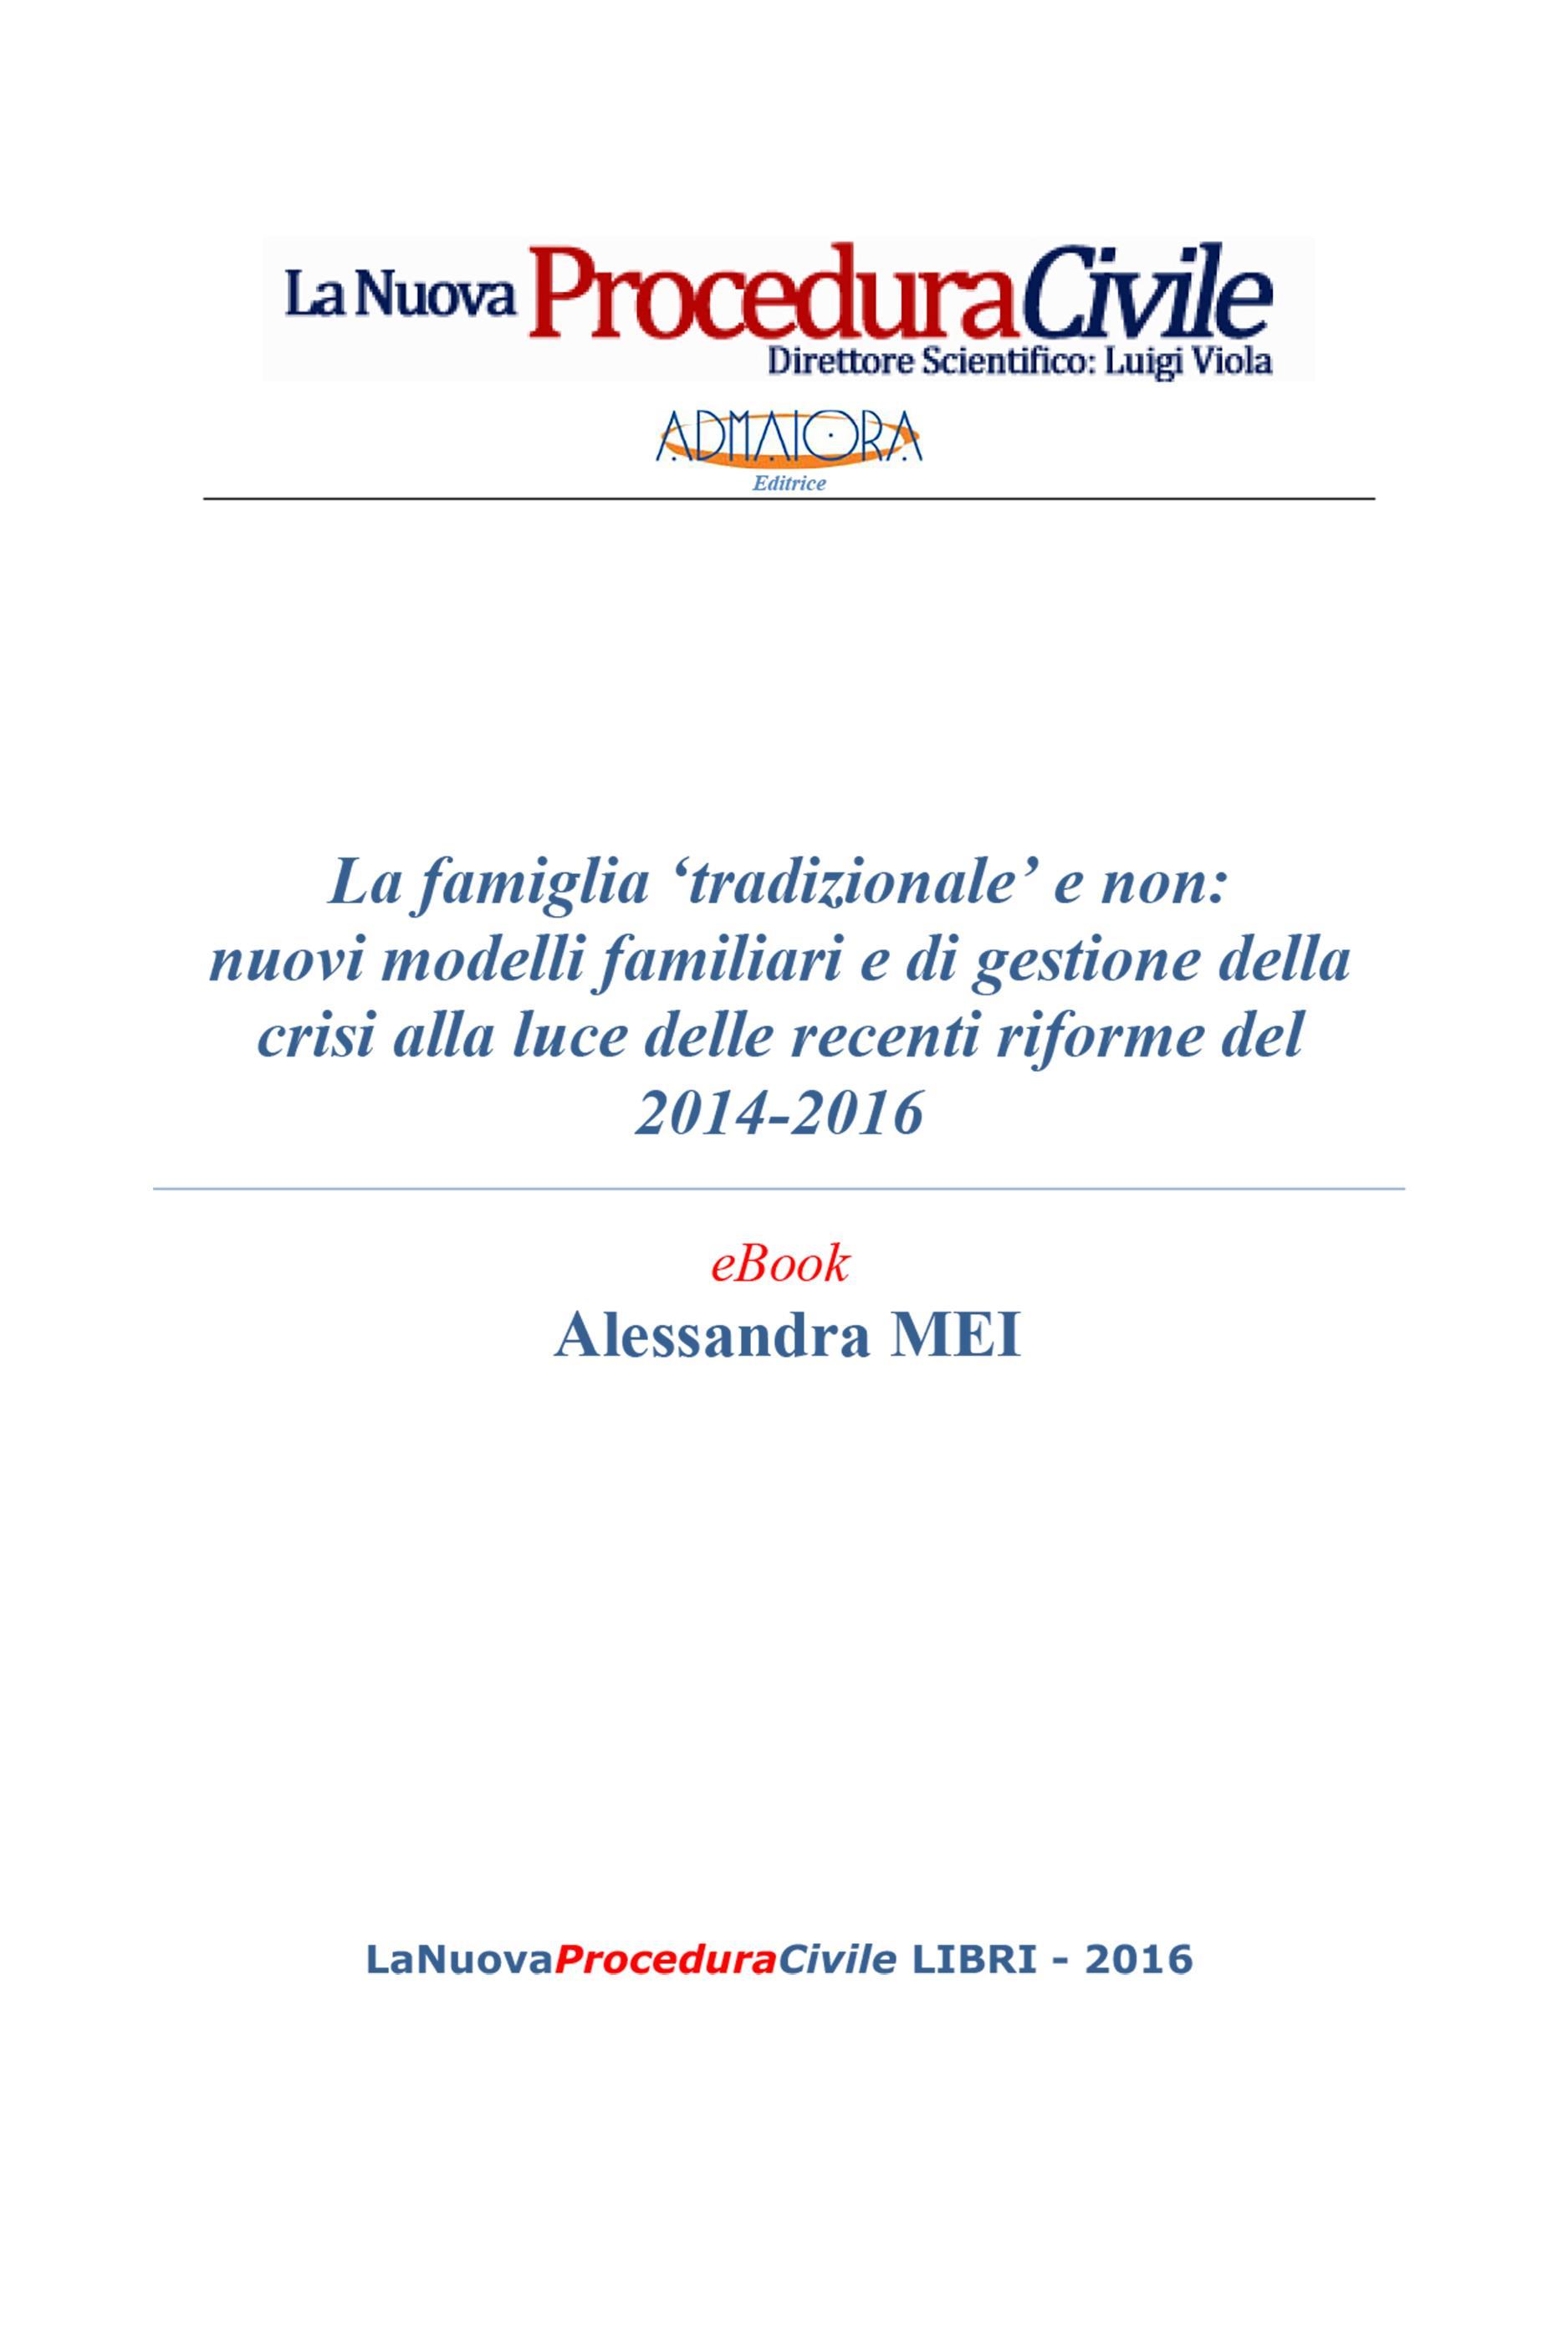 La famiglia tradizionale e non: nuovi modelli familiari e di gestione della crisi alla luce delle recenti riforme del 2014-2016